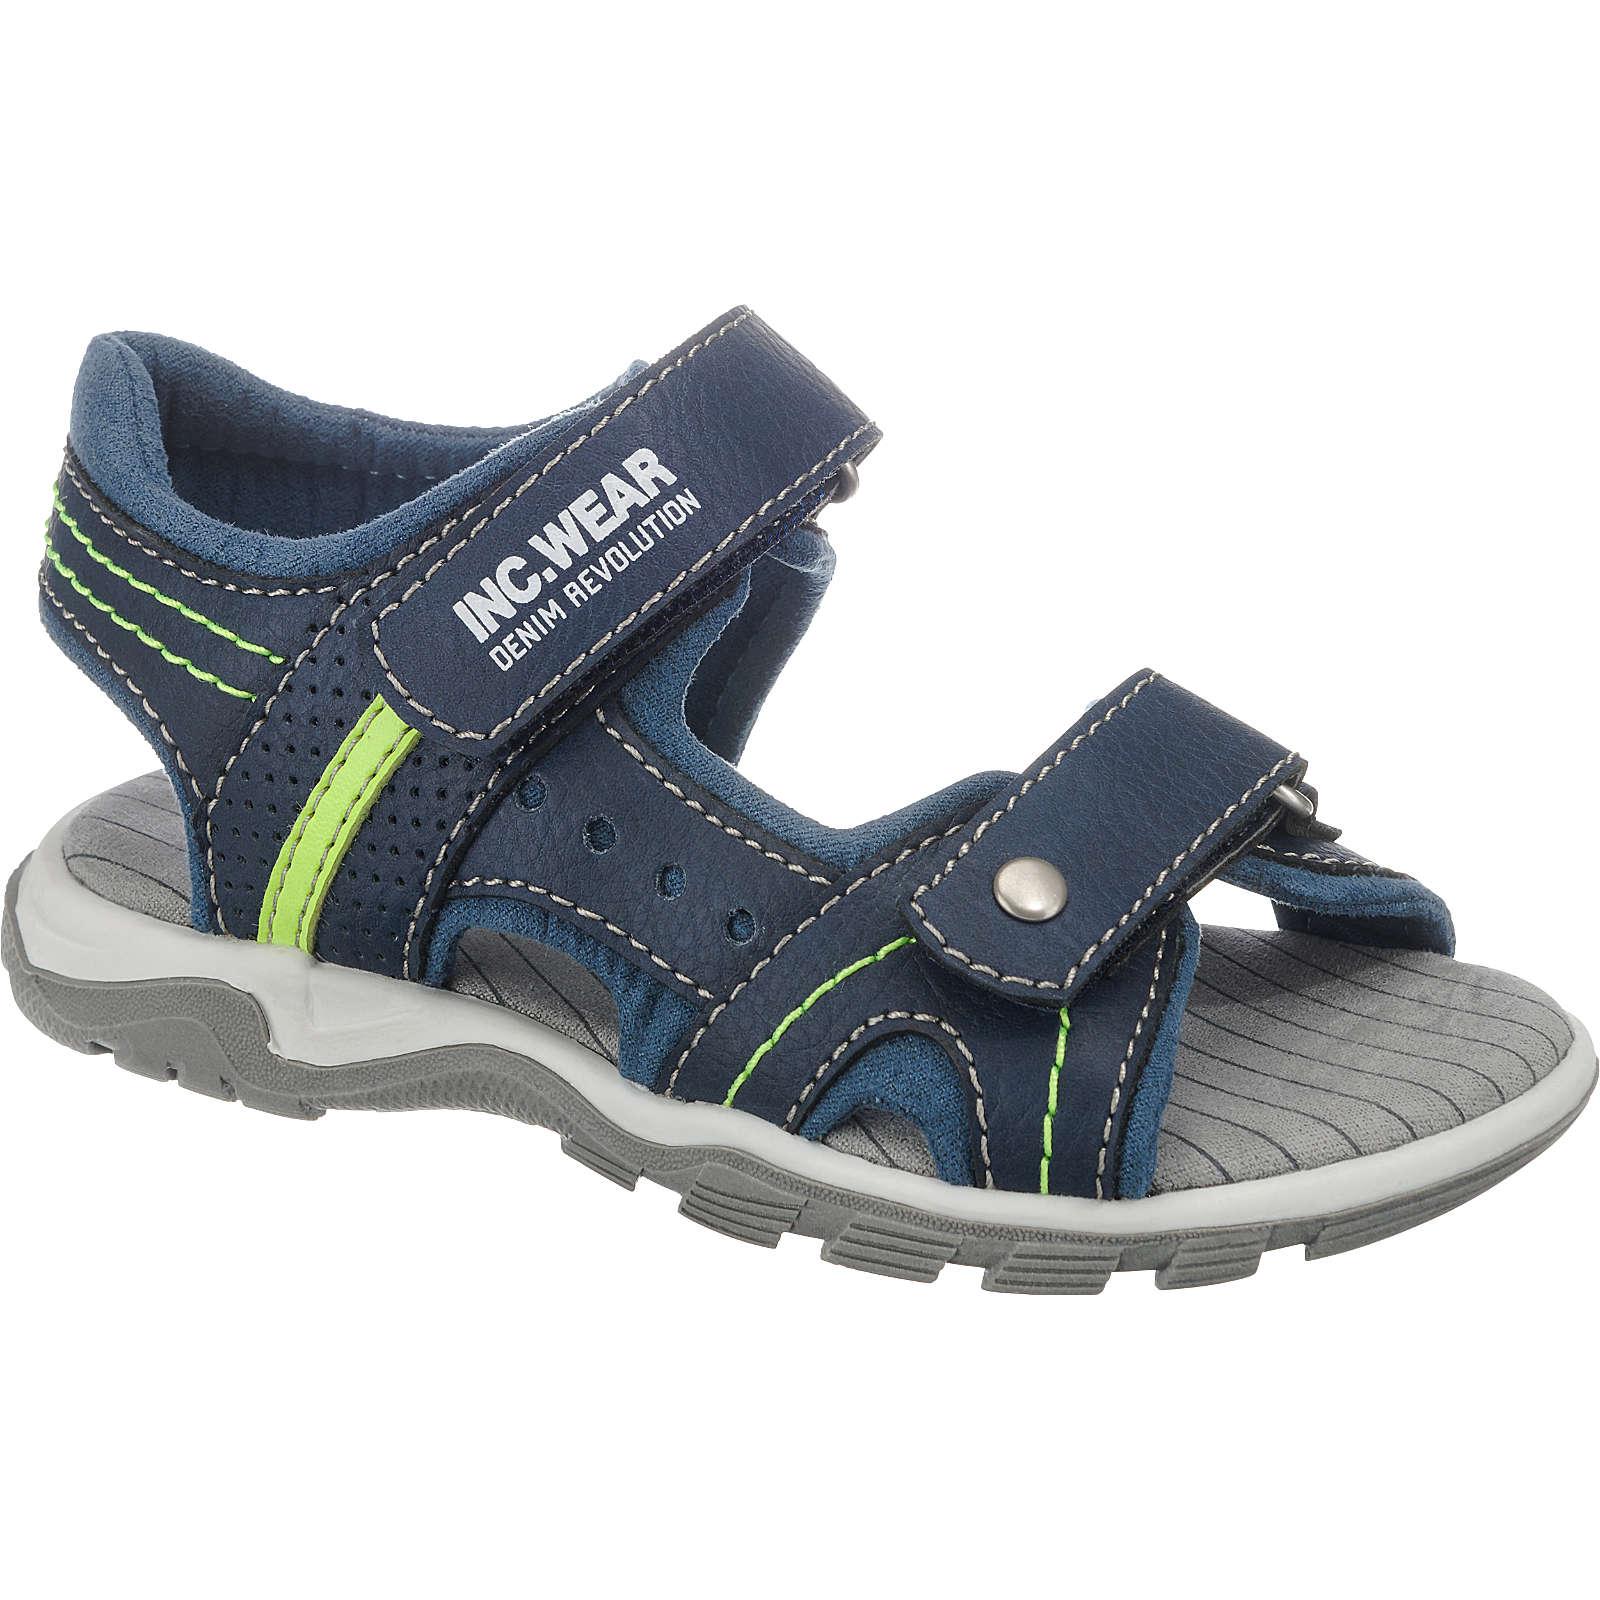 SPROX Sandalen für Jungen blau Junge Gr. 28